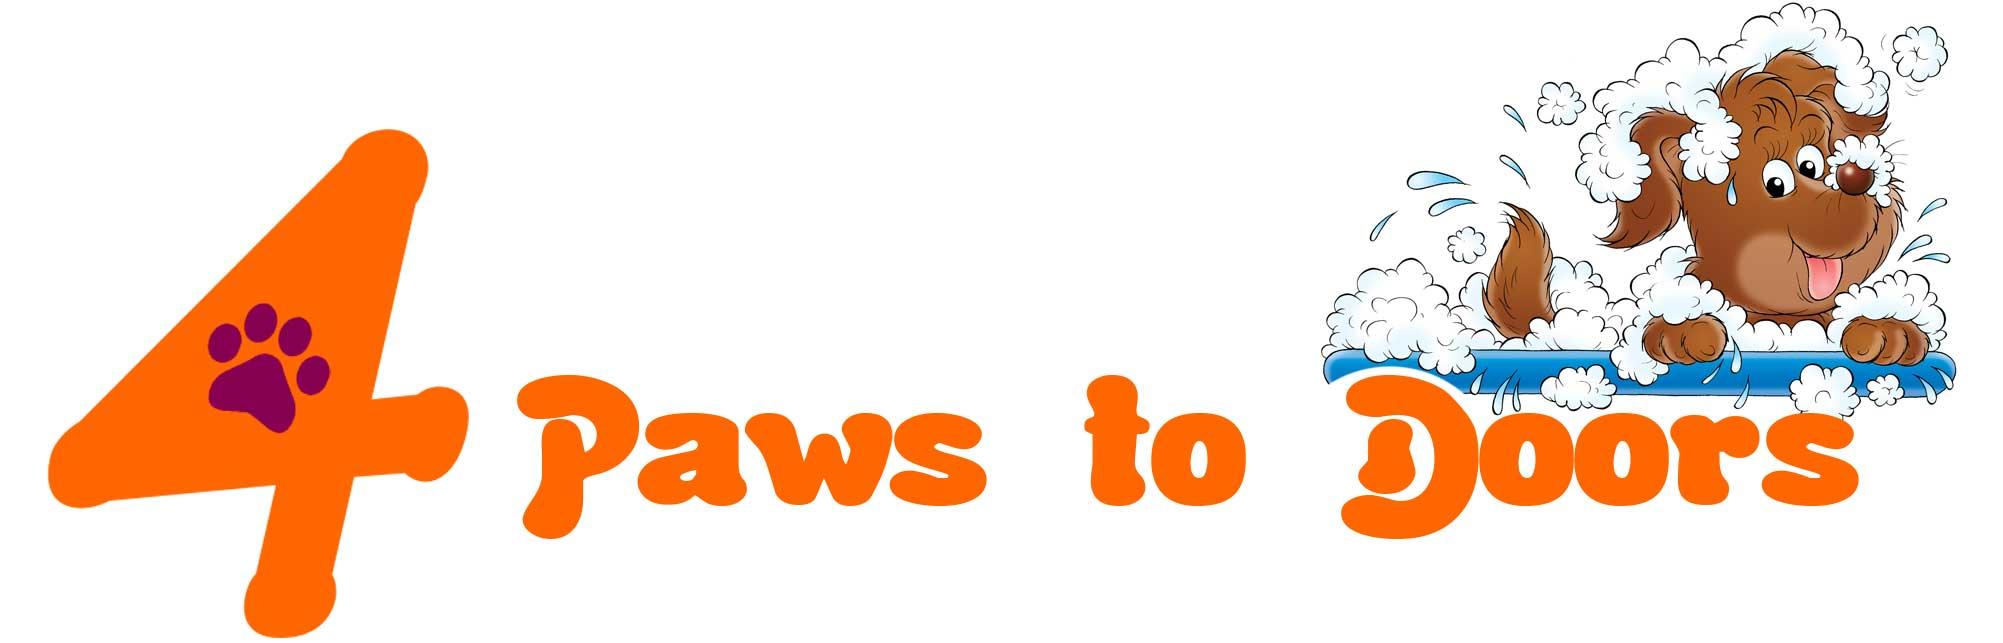 4 Paws to doors logo